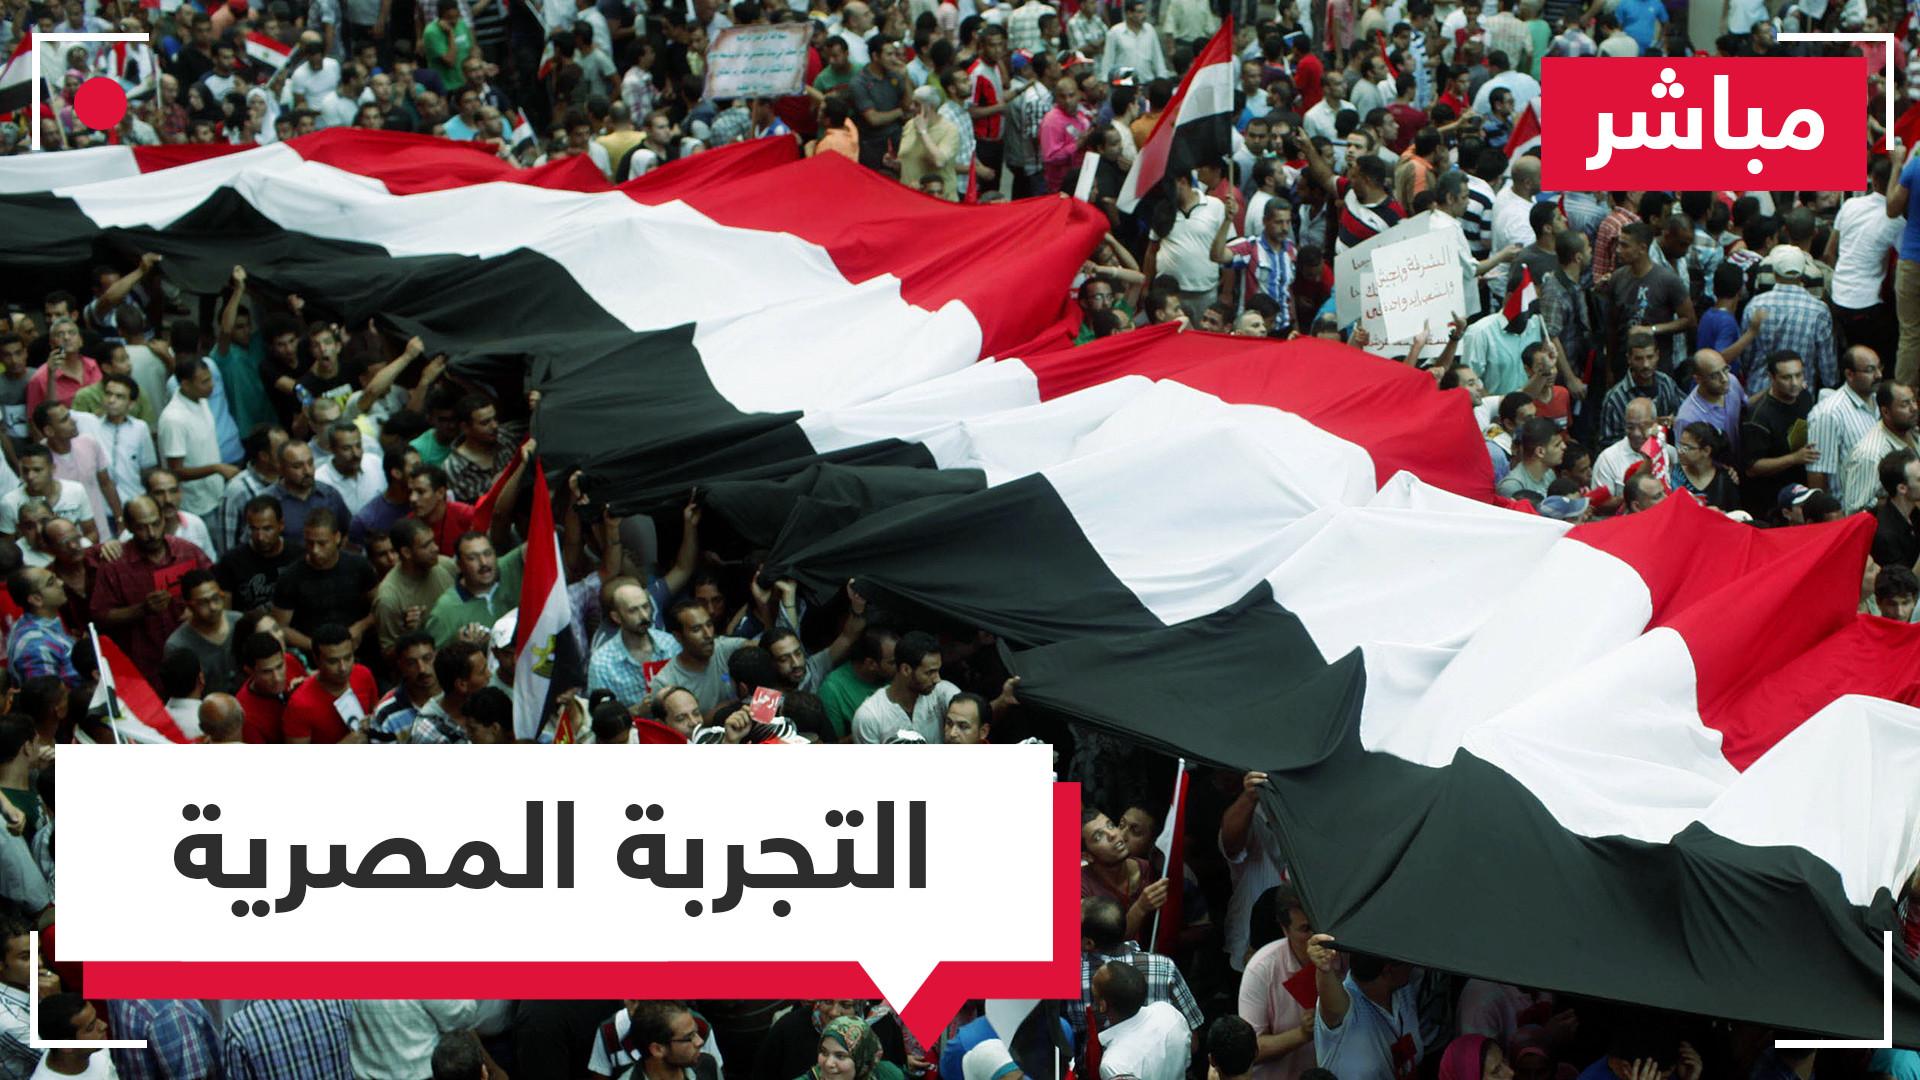 التجربة المصرية وحراك الجزائر والسودان أوجه تشابه ودروس تحت مجهر الشارع